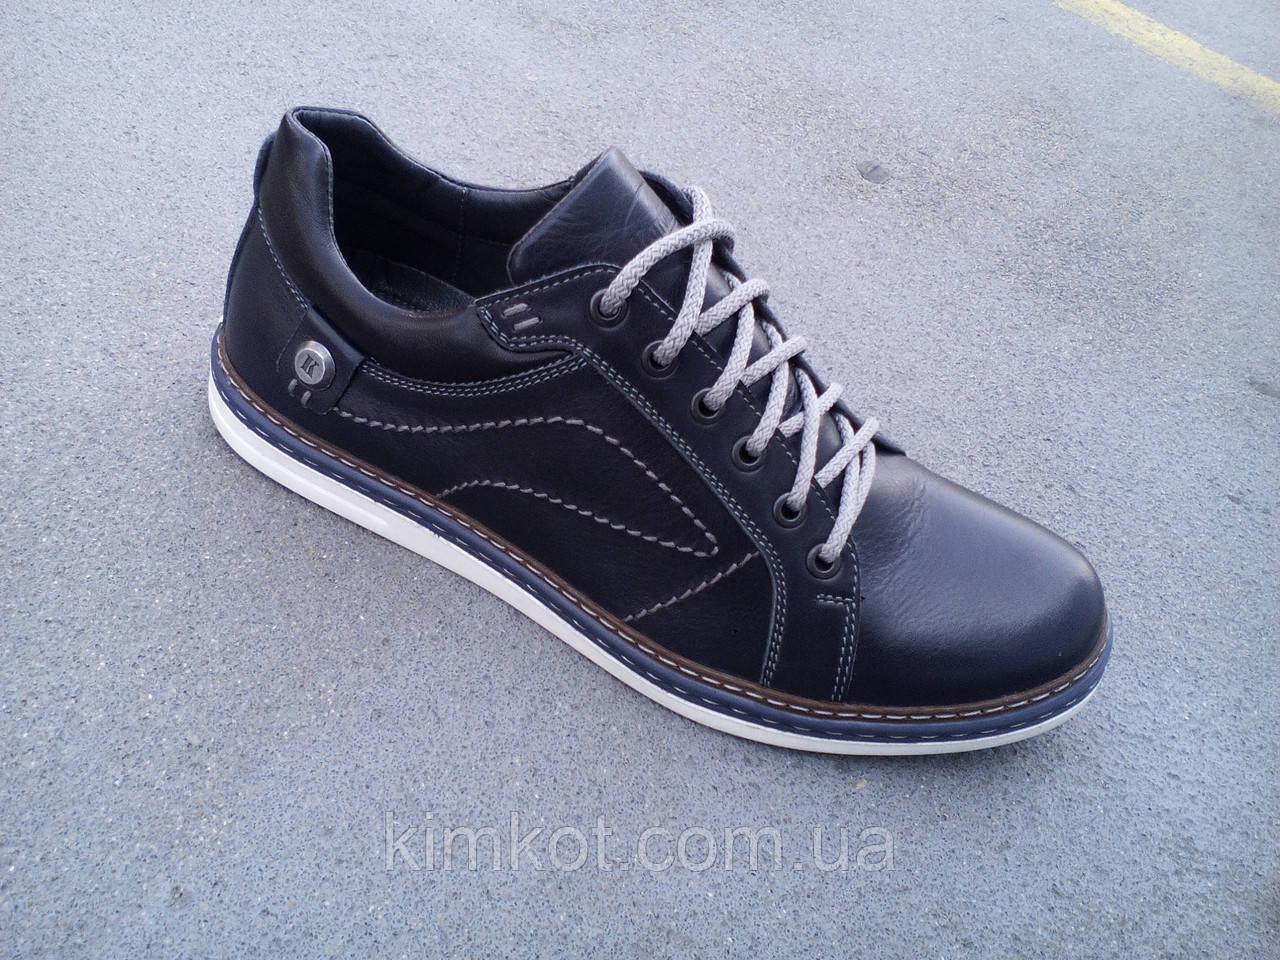 23fa311ba54f Кроссовки туфли мужские кожаные KARDINAL 40 -45 р-р - Интернет-Магазин